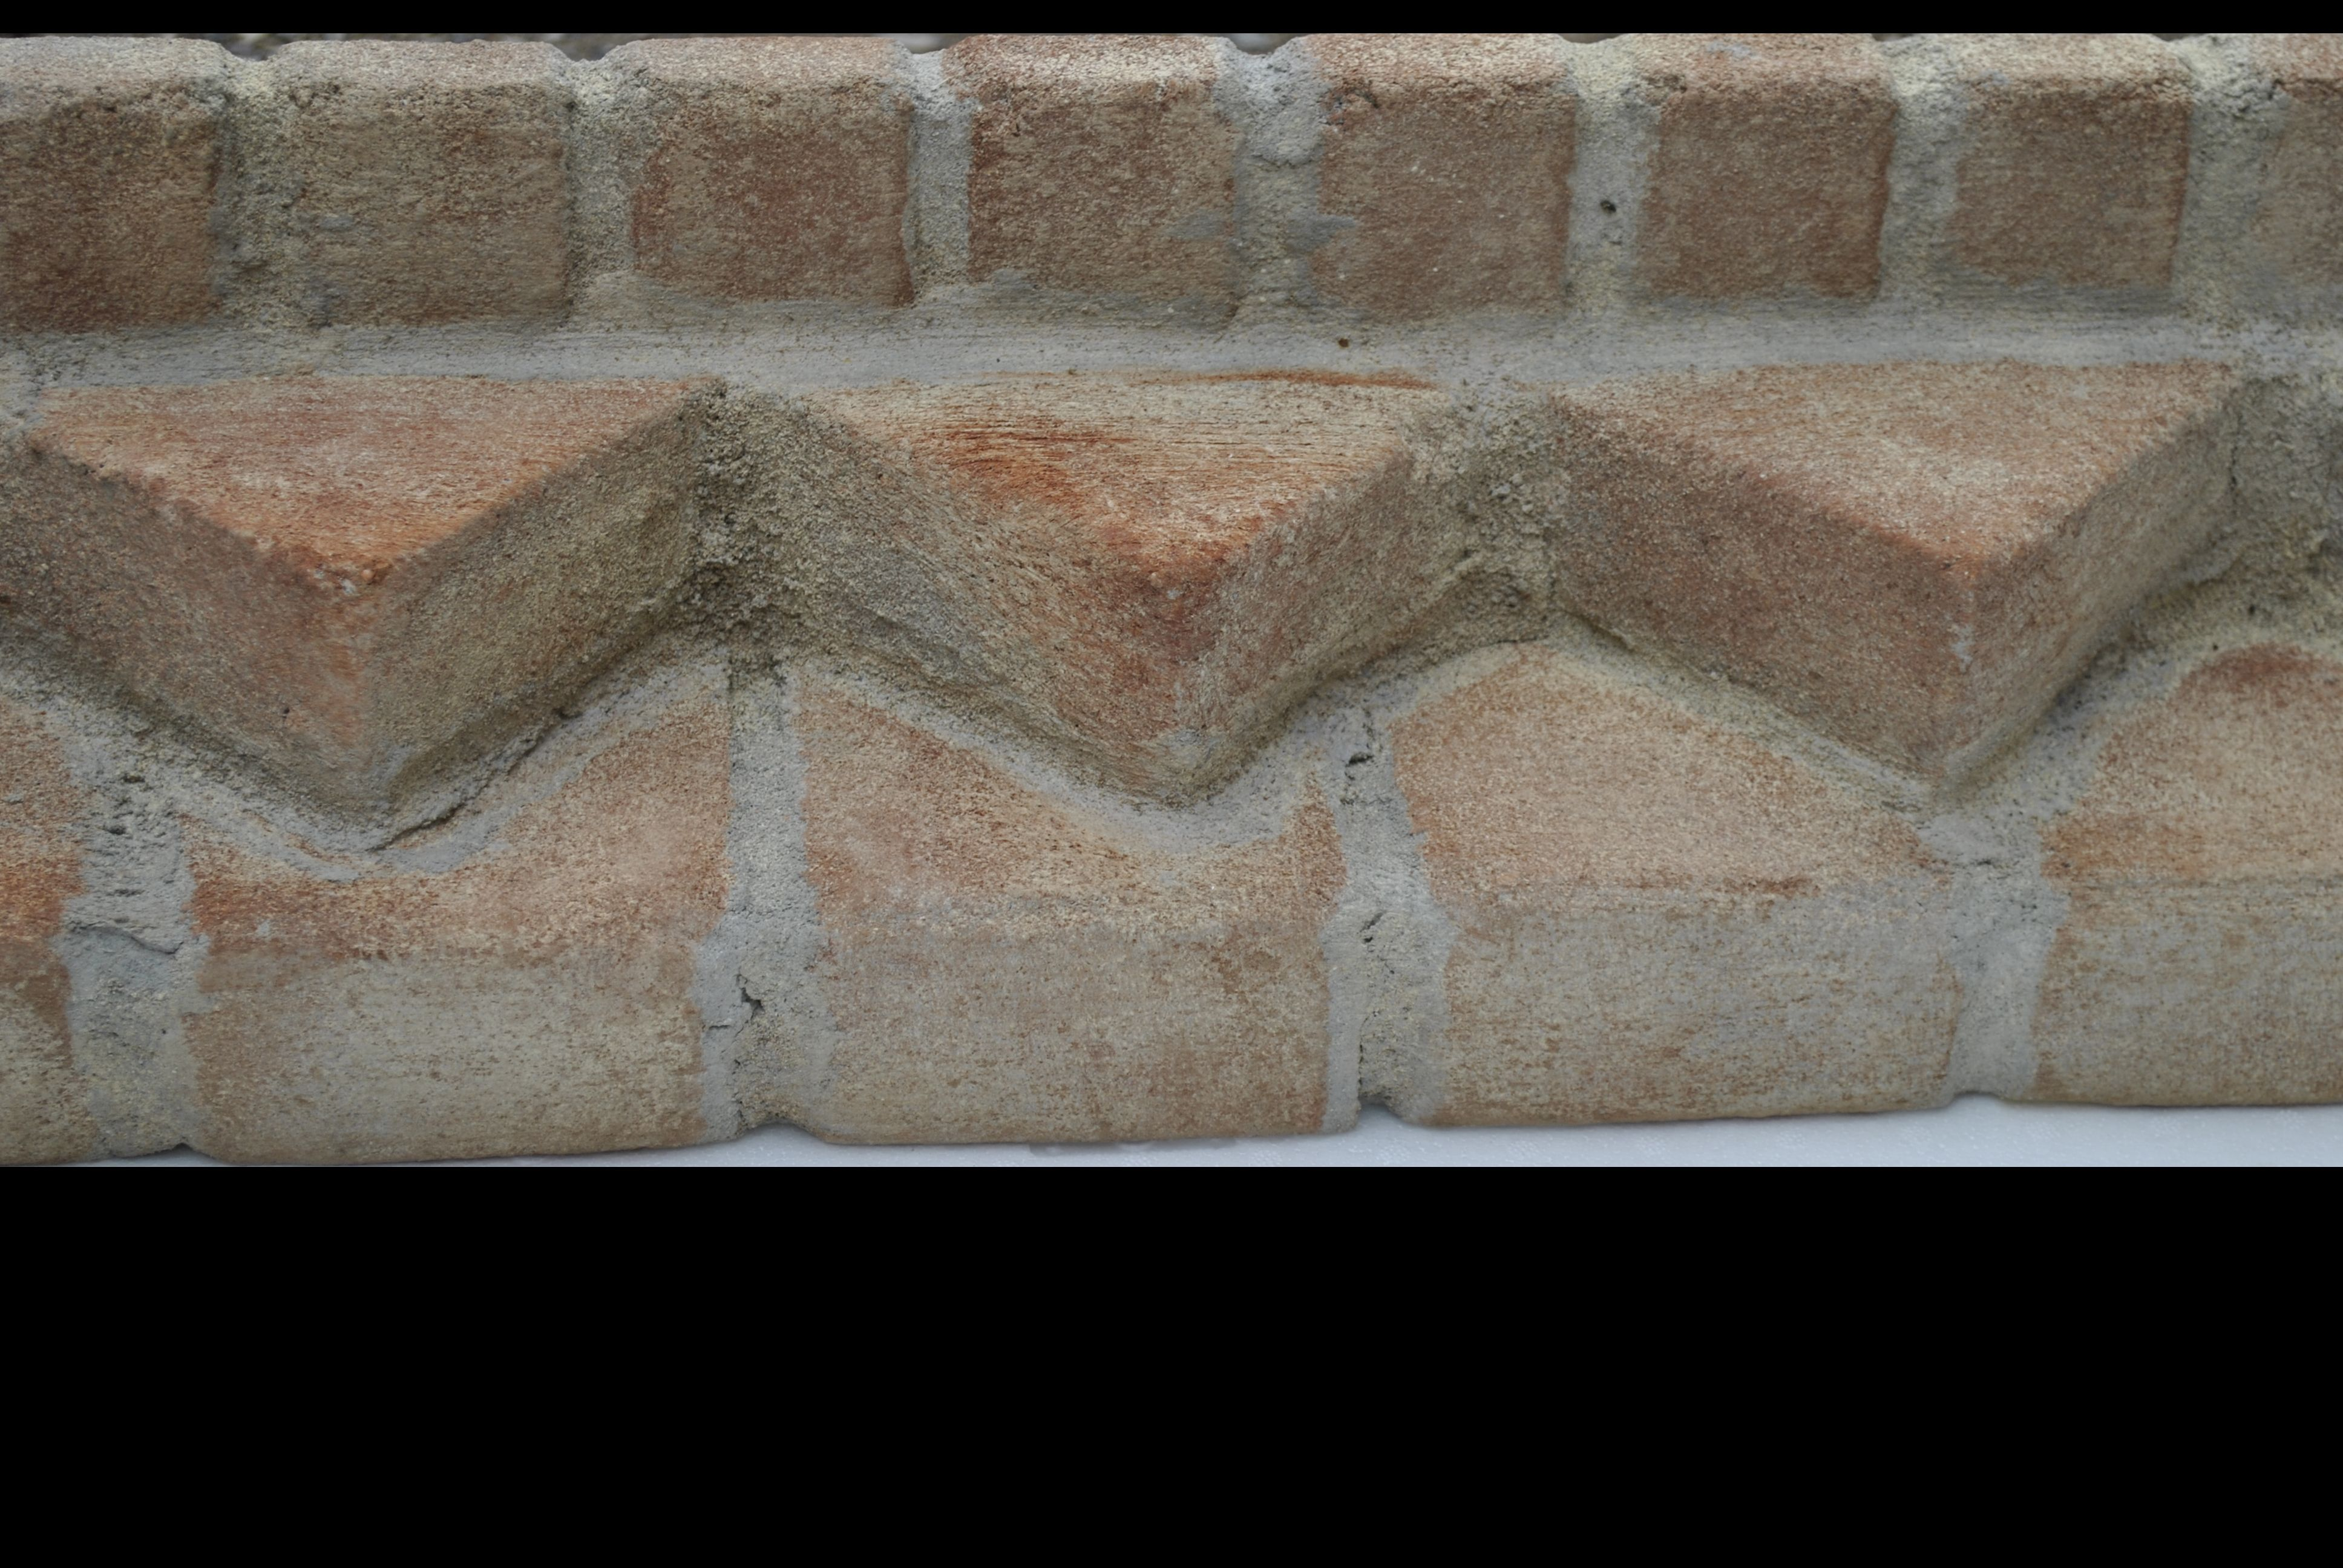 Pannelli rivestimento esterno finta pietra for Pannelli polistirolo finta pietra mattoni